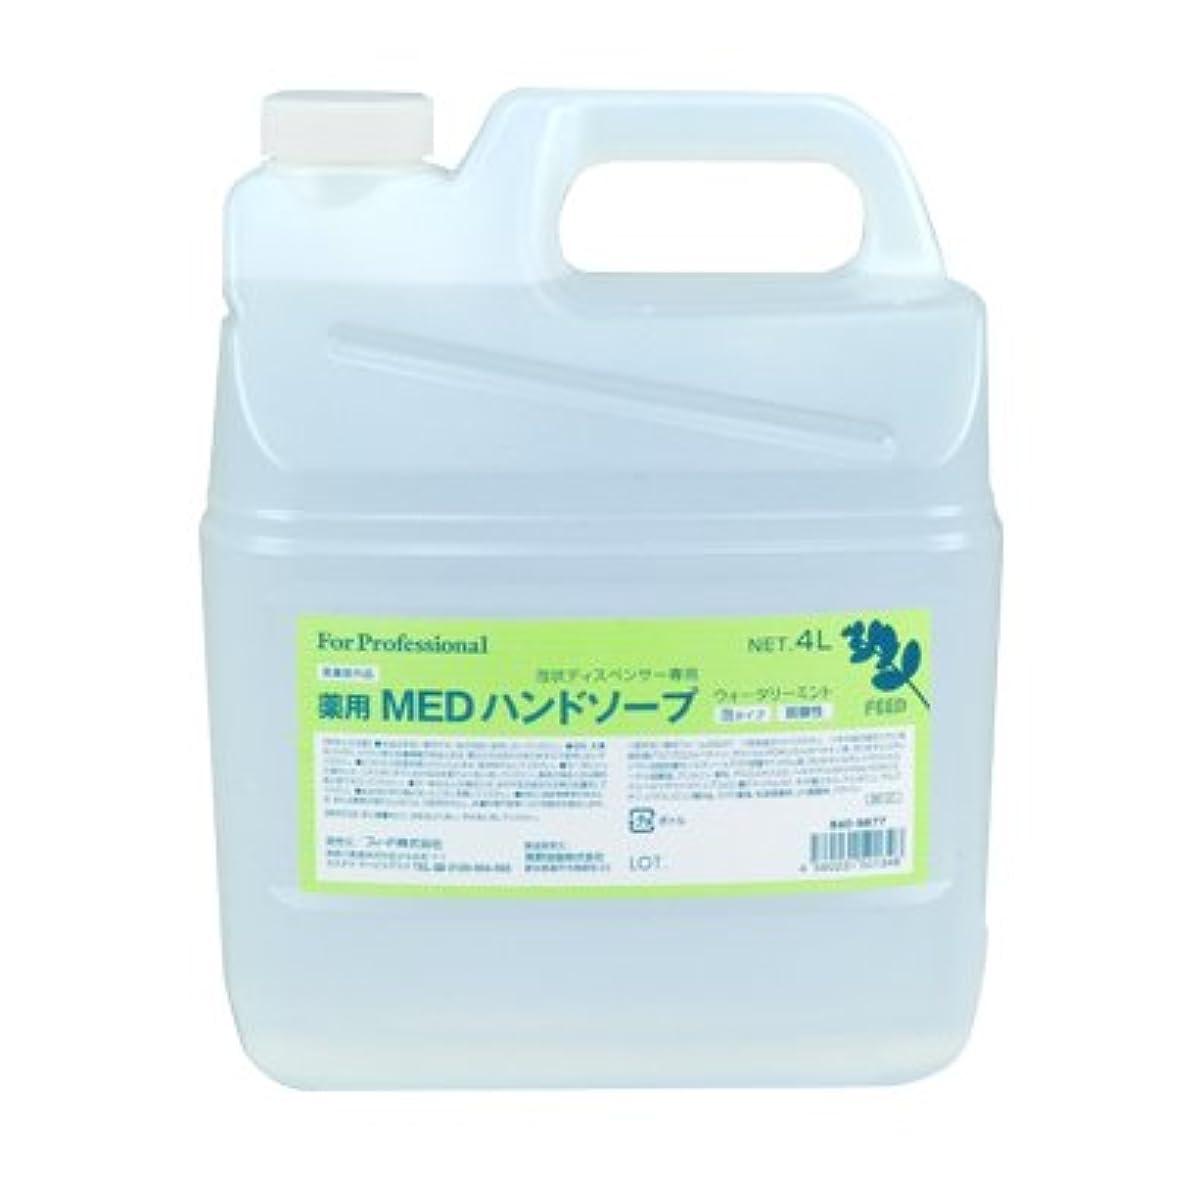 レイ検査官湿った【業務用】 FEED(フィード) 薬用 MEDハンドソープ 泡タイプ/4L詰替用 ハンドソープ(泡タイプ) 入数 1本